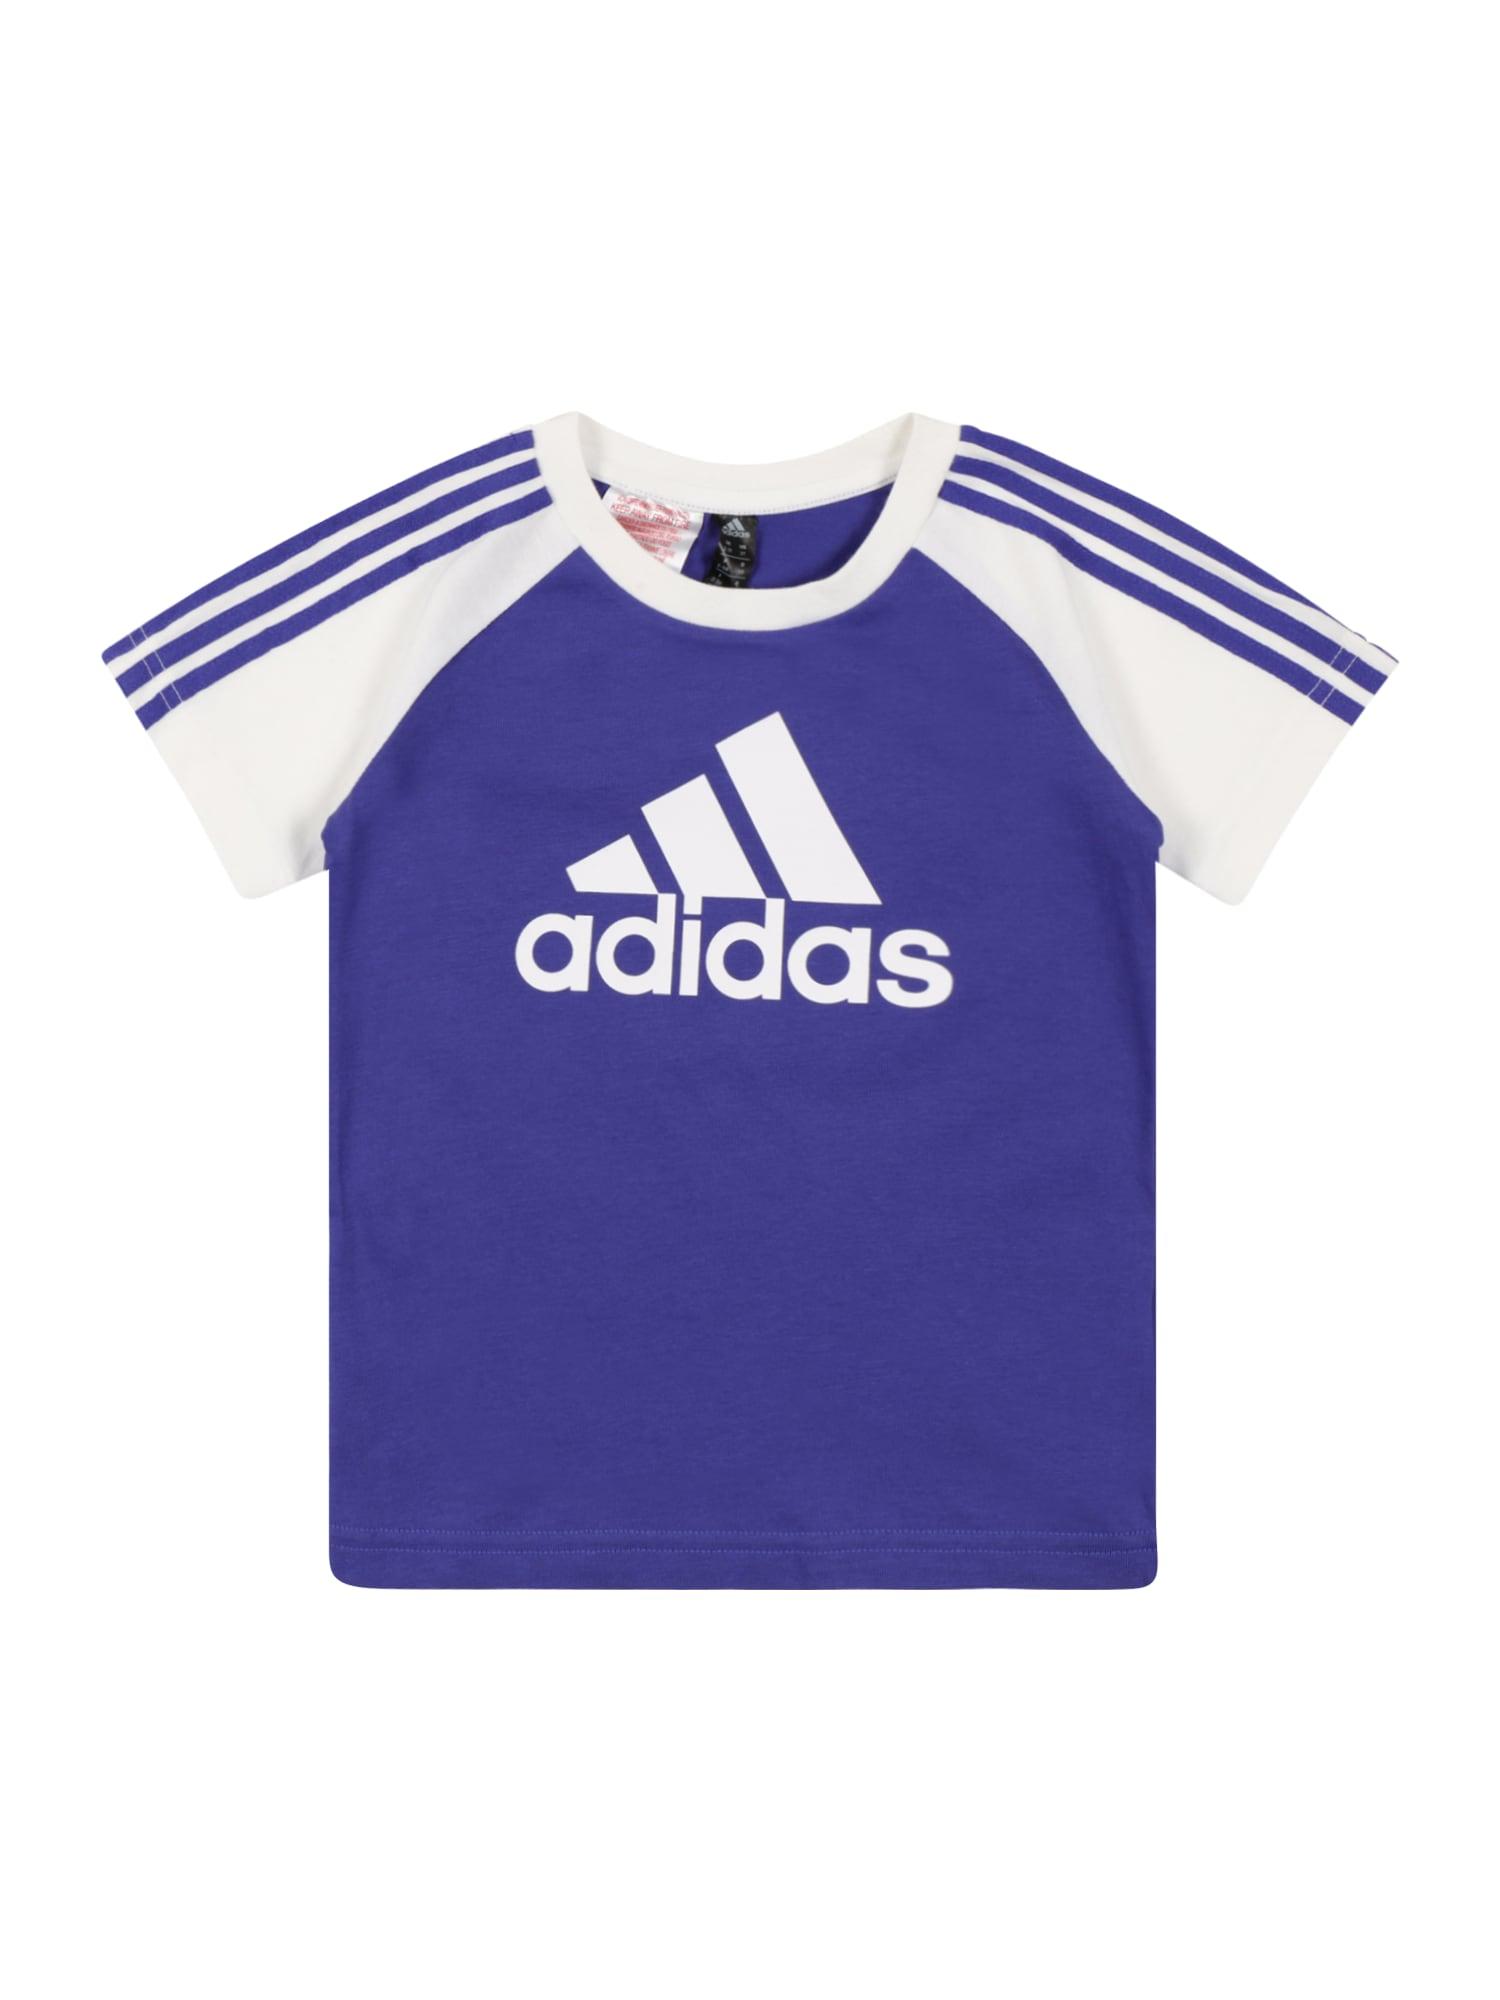 ADIDAS PERFORMANCE Sportiniai marškinėliai balta / tamsiai violetinė